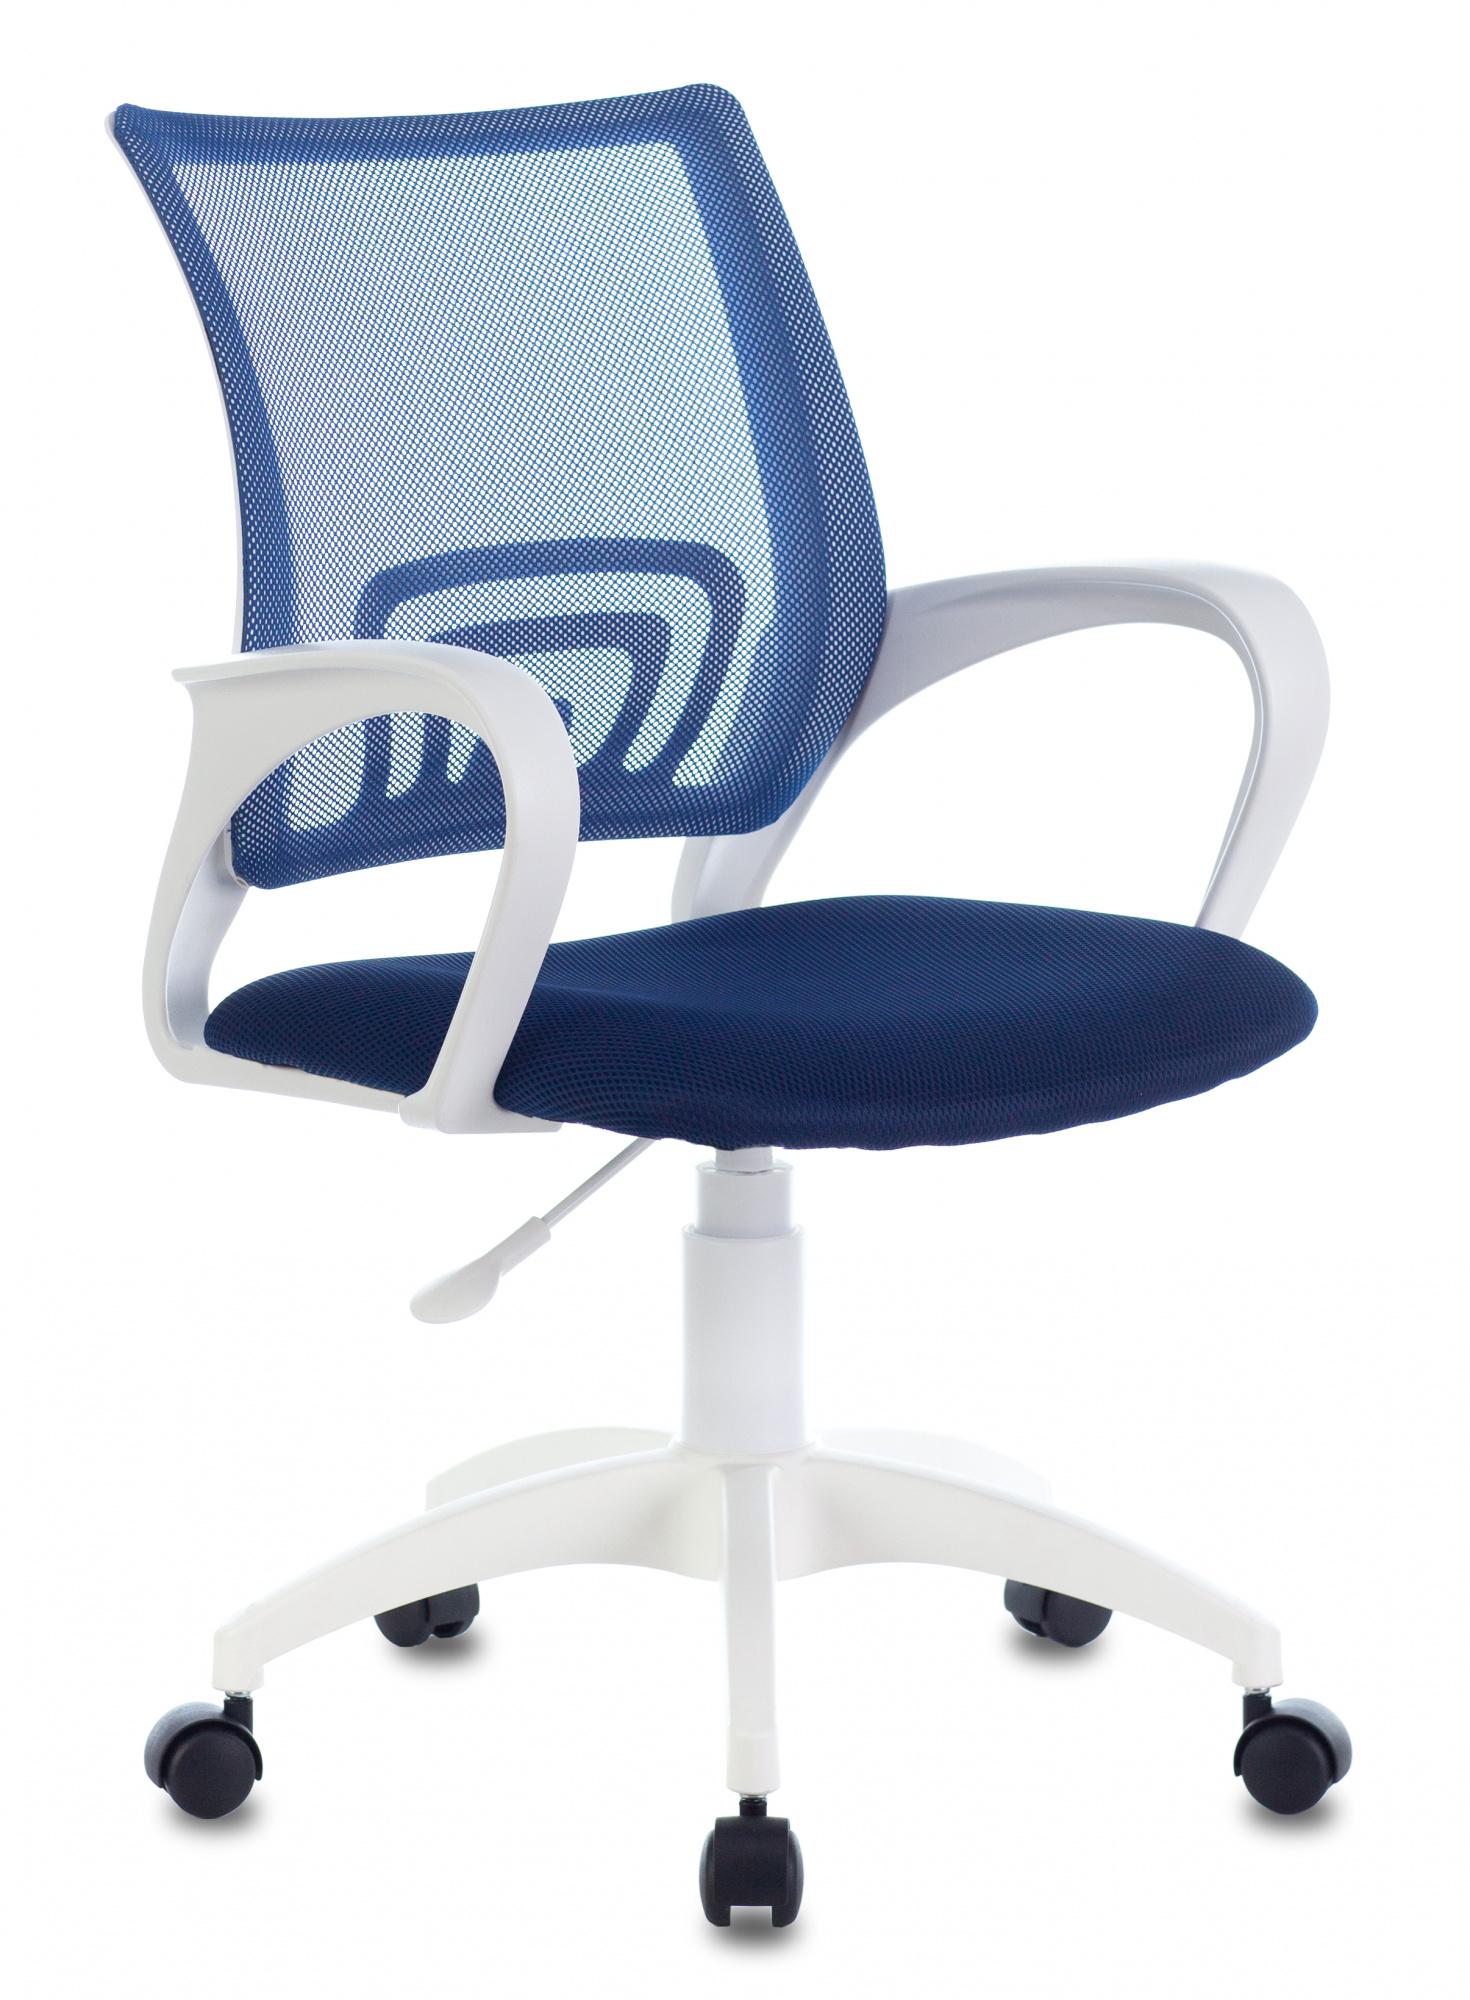 Кресло Бюрократ CH-W695NLT темно-синий TW-05N TW-10N сетка/ткань крестовина пластик пластик белый